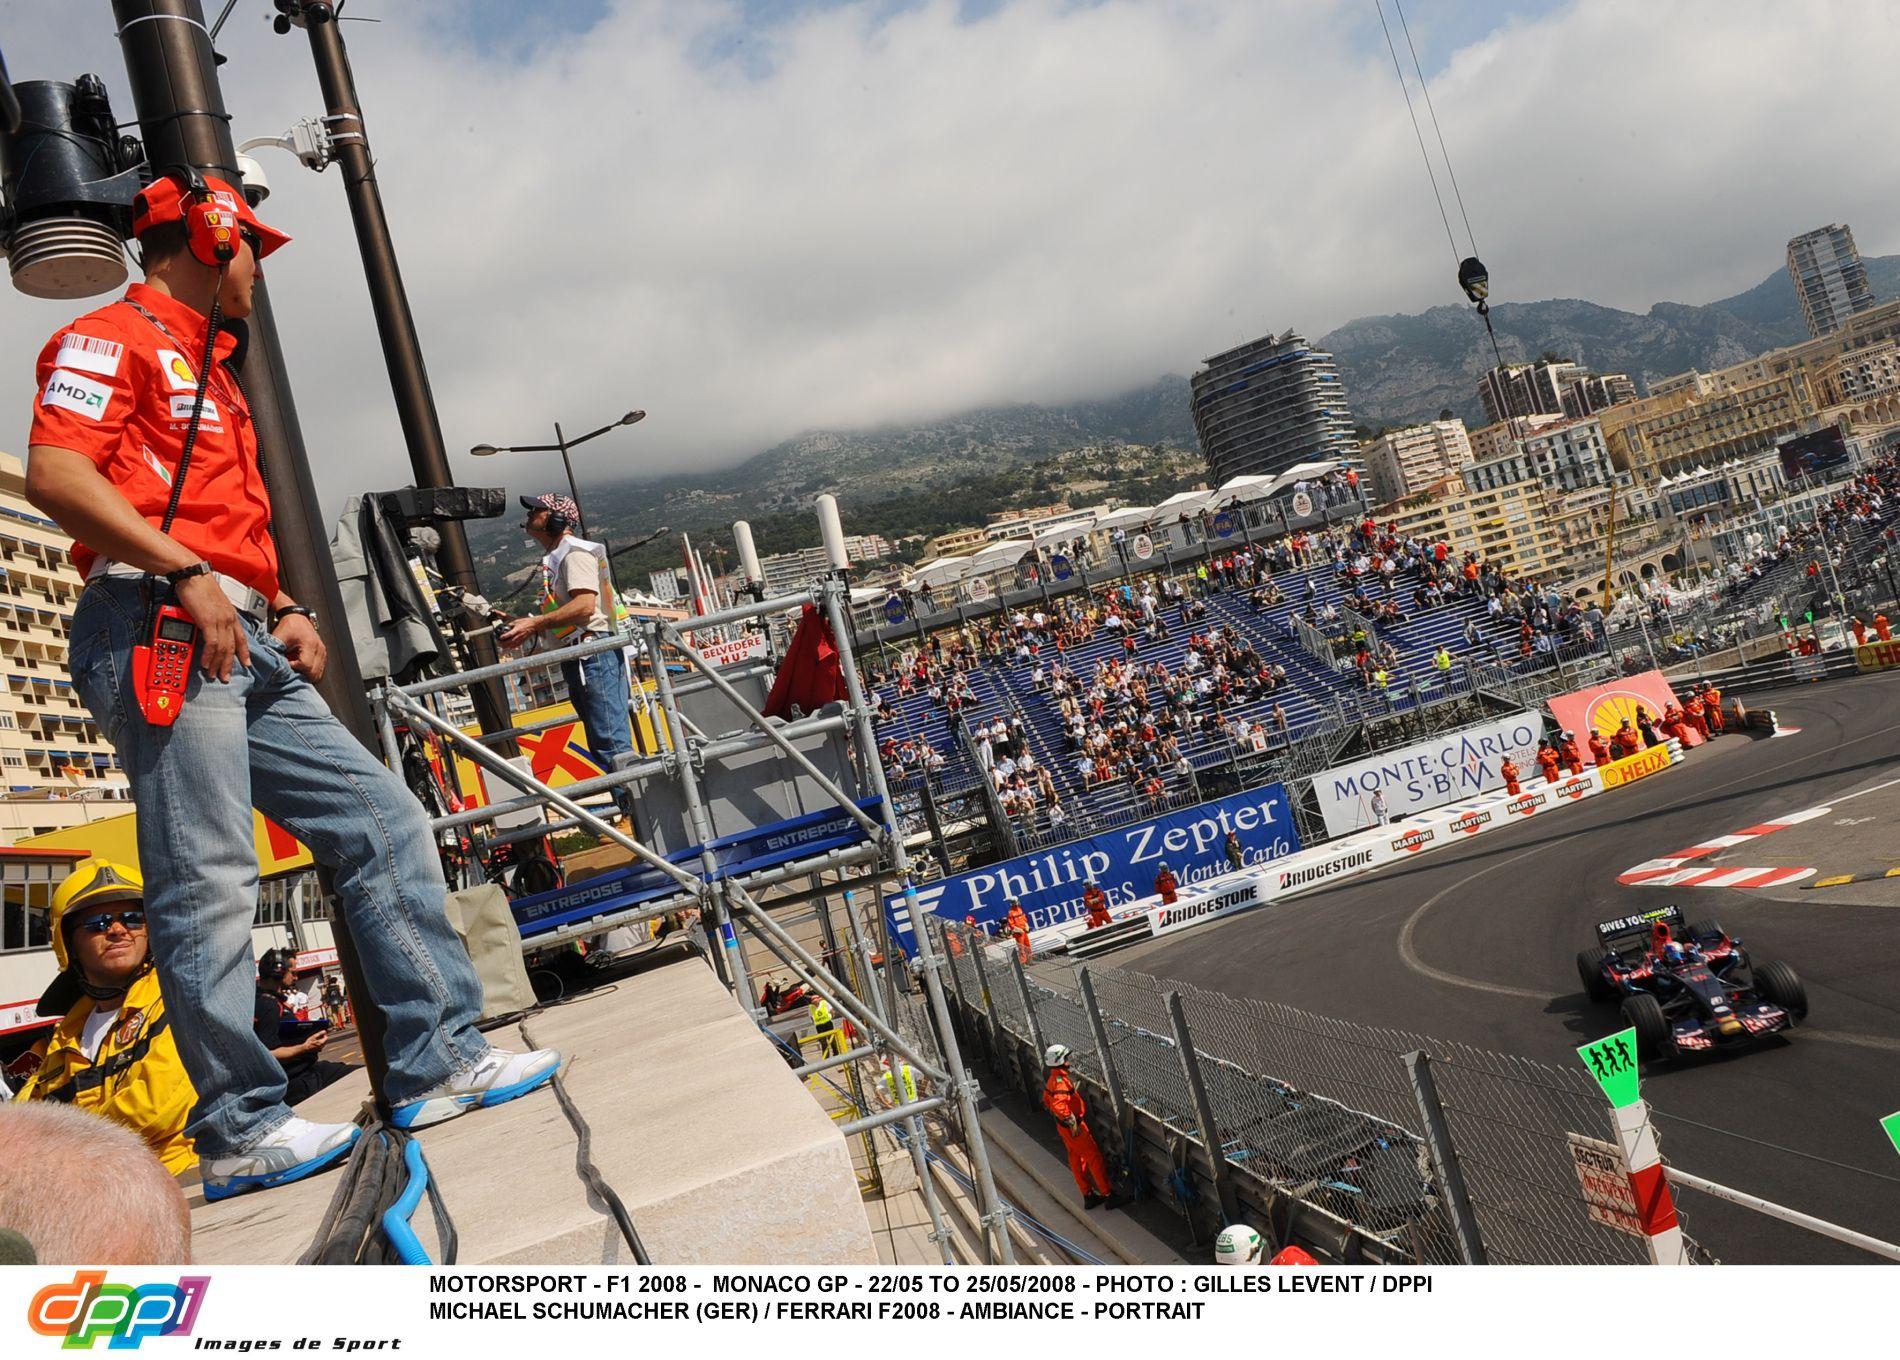 Már az is komoly siker, ha Vettel megközelíti Schumacher ferraris eredményeit